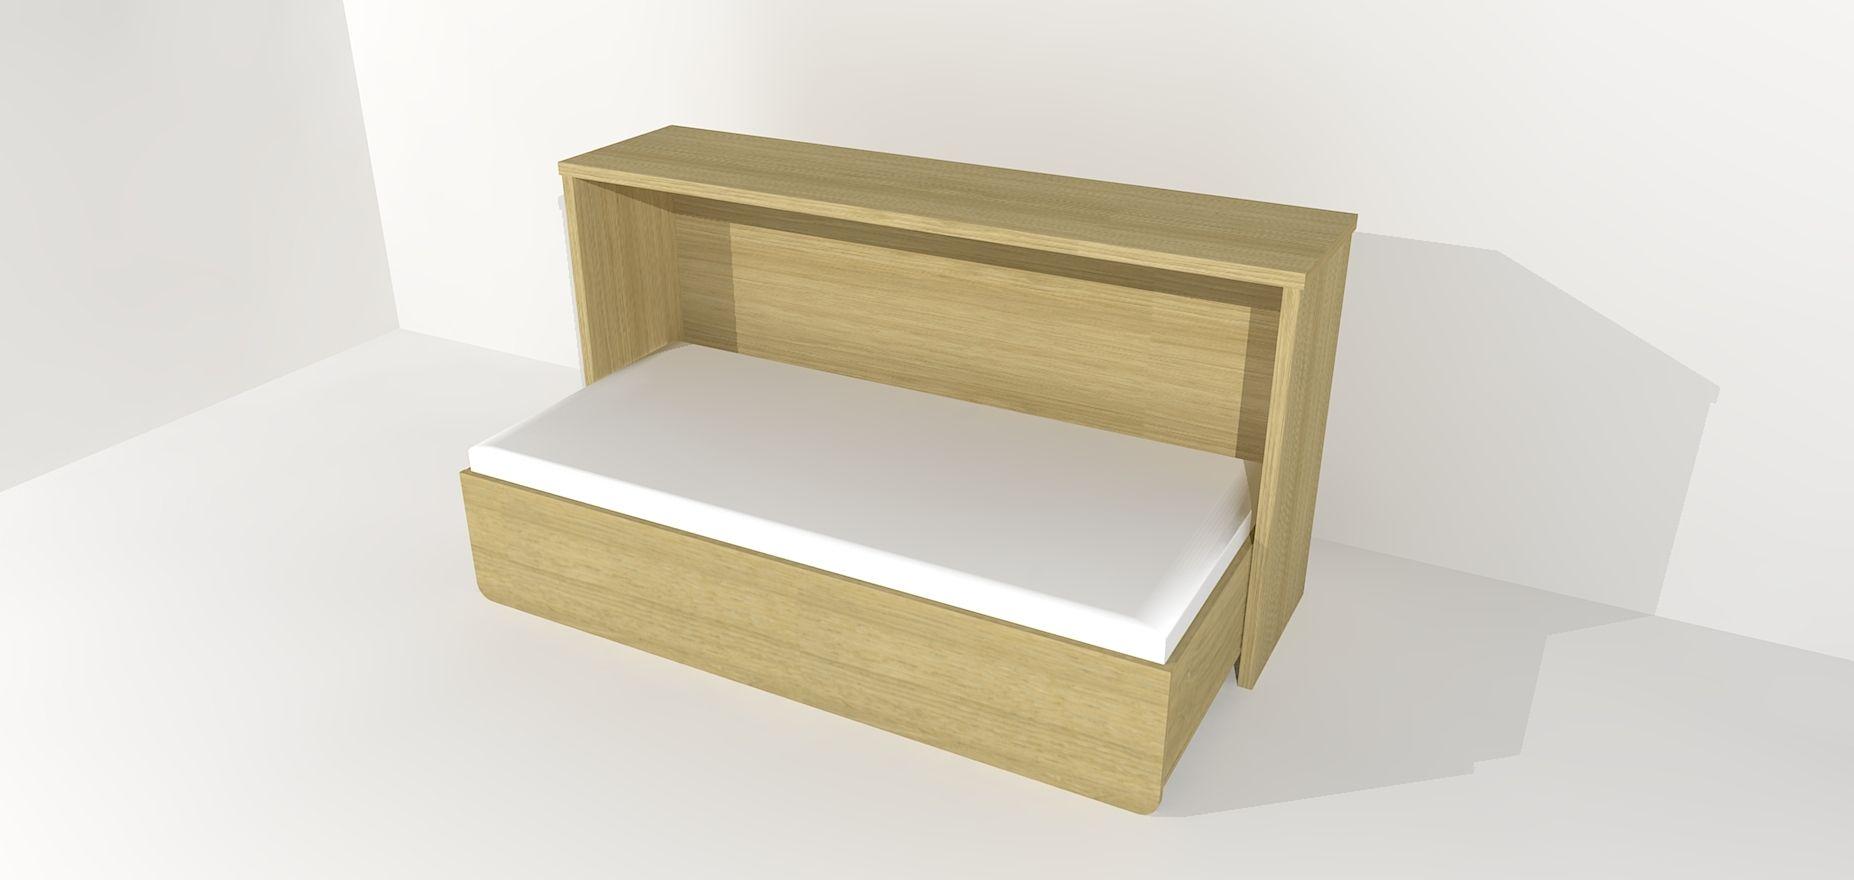 Letto a scomparsa / singolo / moderno / in legno - DIMITRI - CONCEPT ...